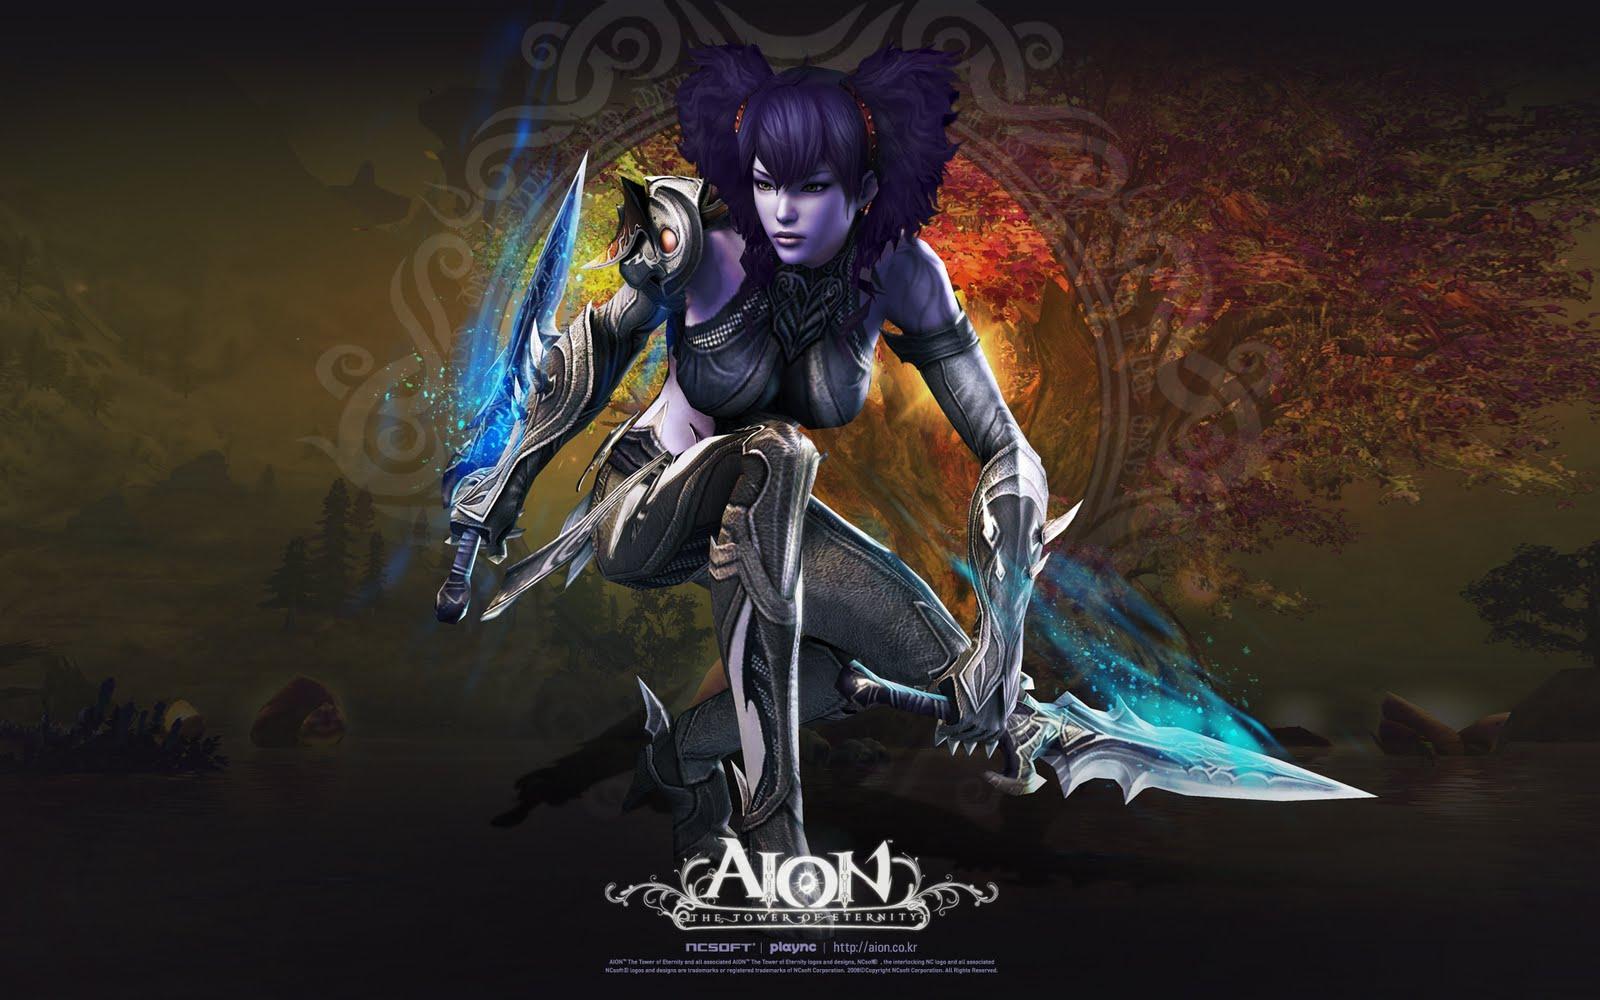 http://1.bp.blogspot.com/-DjCbxh8TfuU/TaJV0svBtDI/AAAAAAAABQQ/c5xnbi0EGTA/s1600/AION-Wallpaper-Screenshot-PC-Game-Online-6.jpg